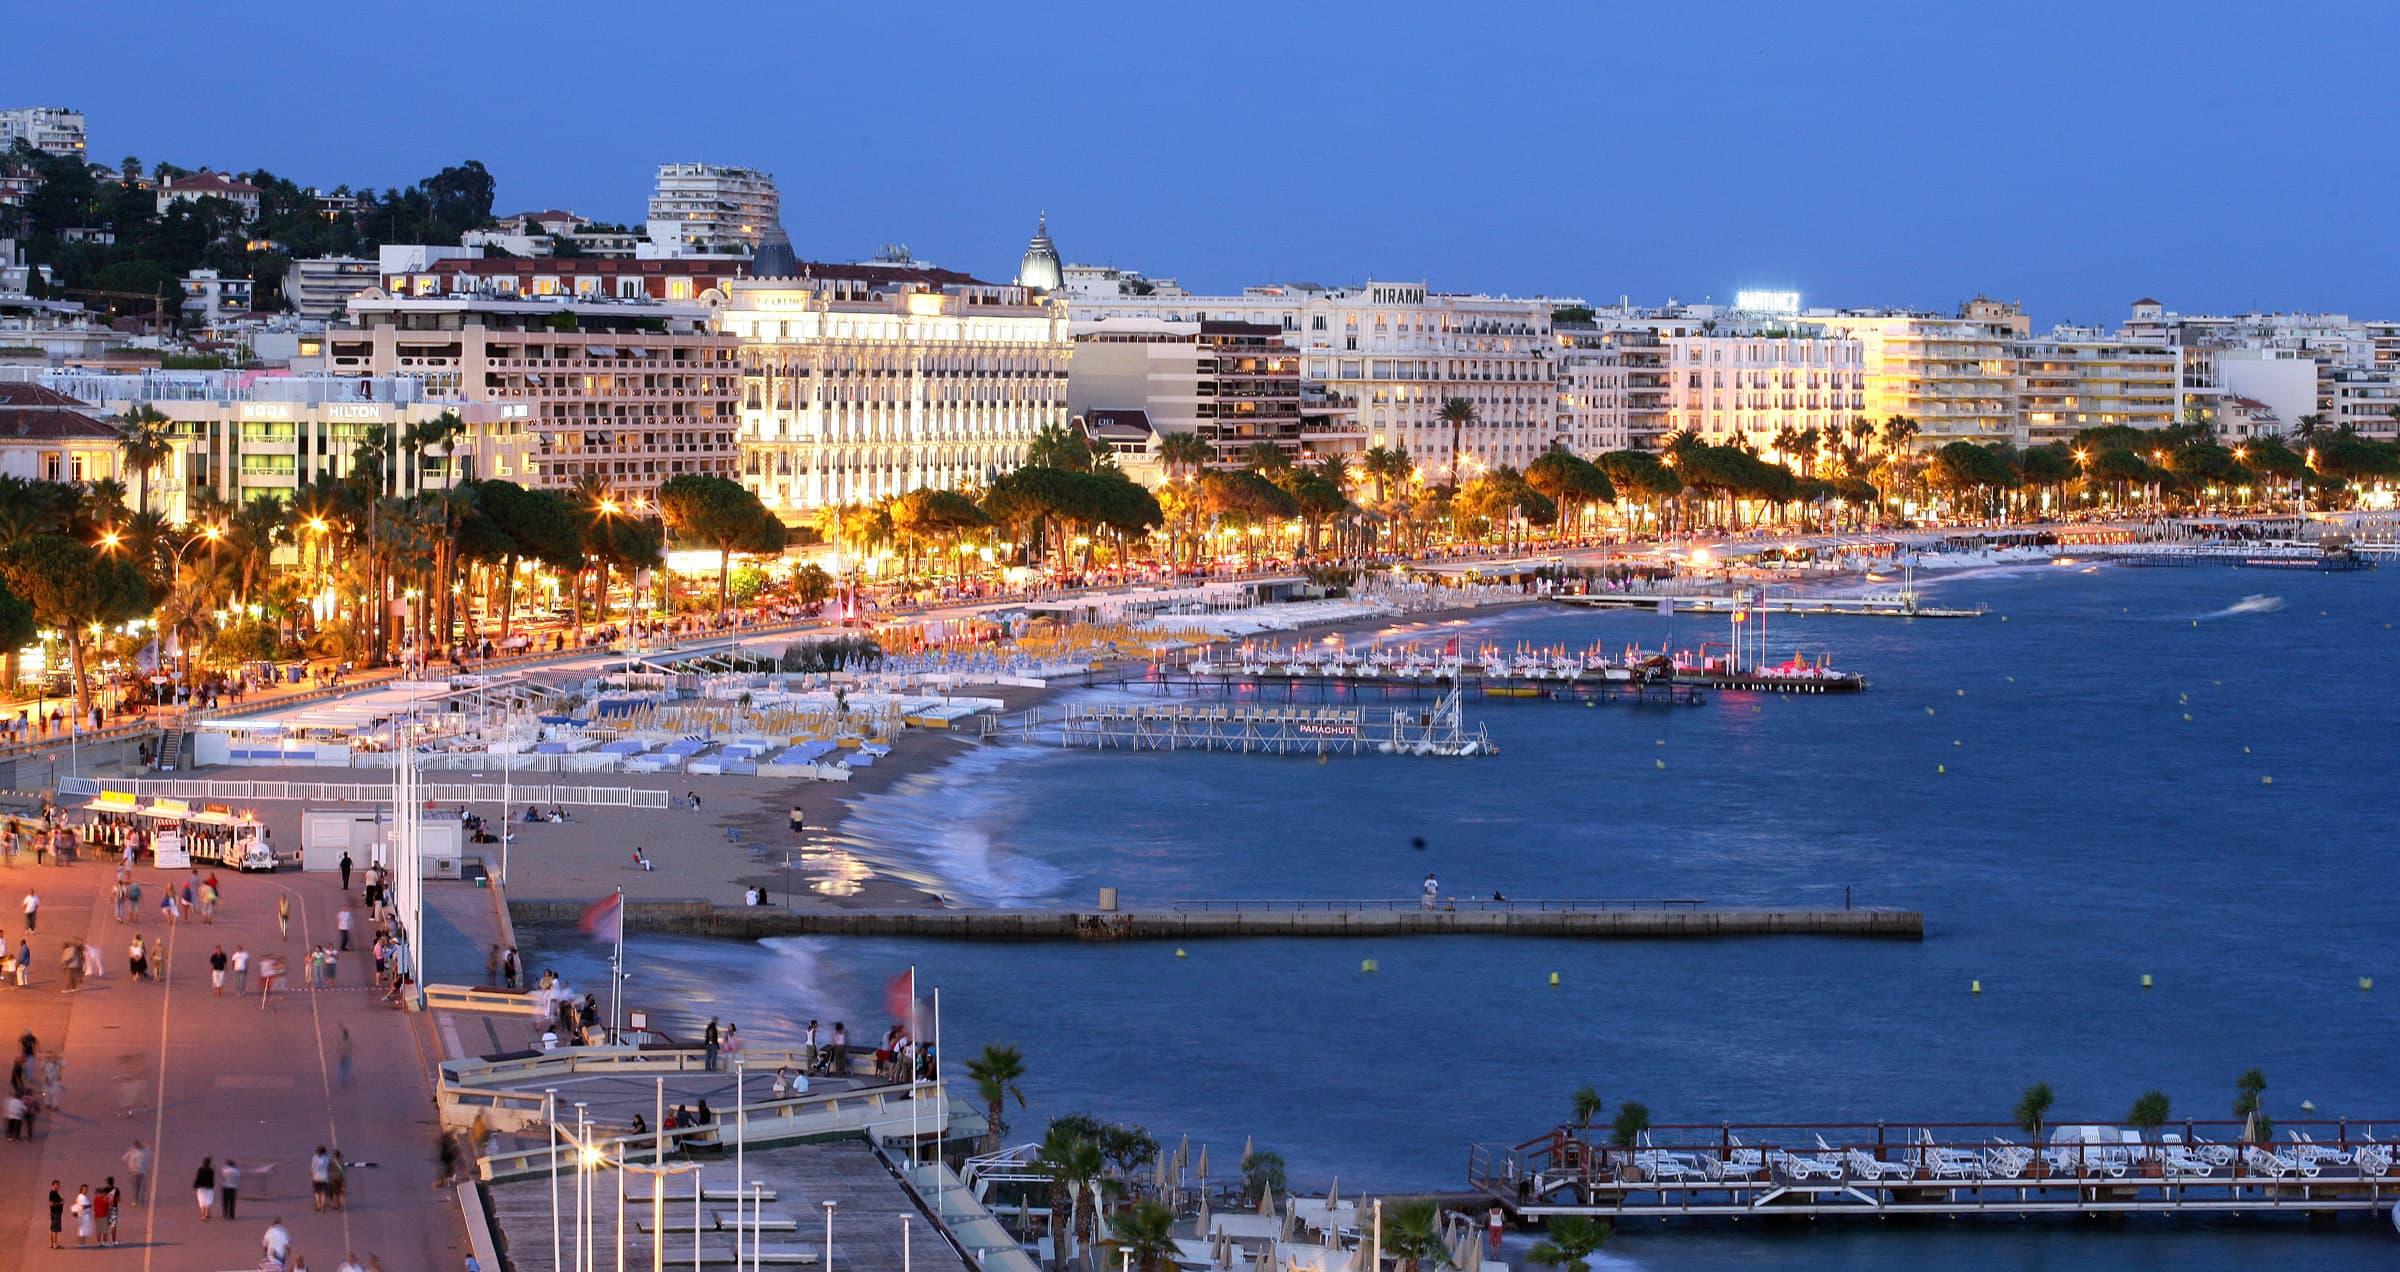 Recherchez un Célibataire à Cannes - Rencontre Cannes gratuite 6